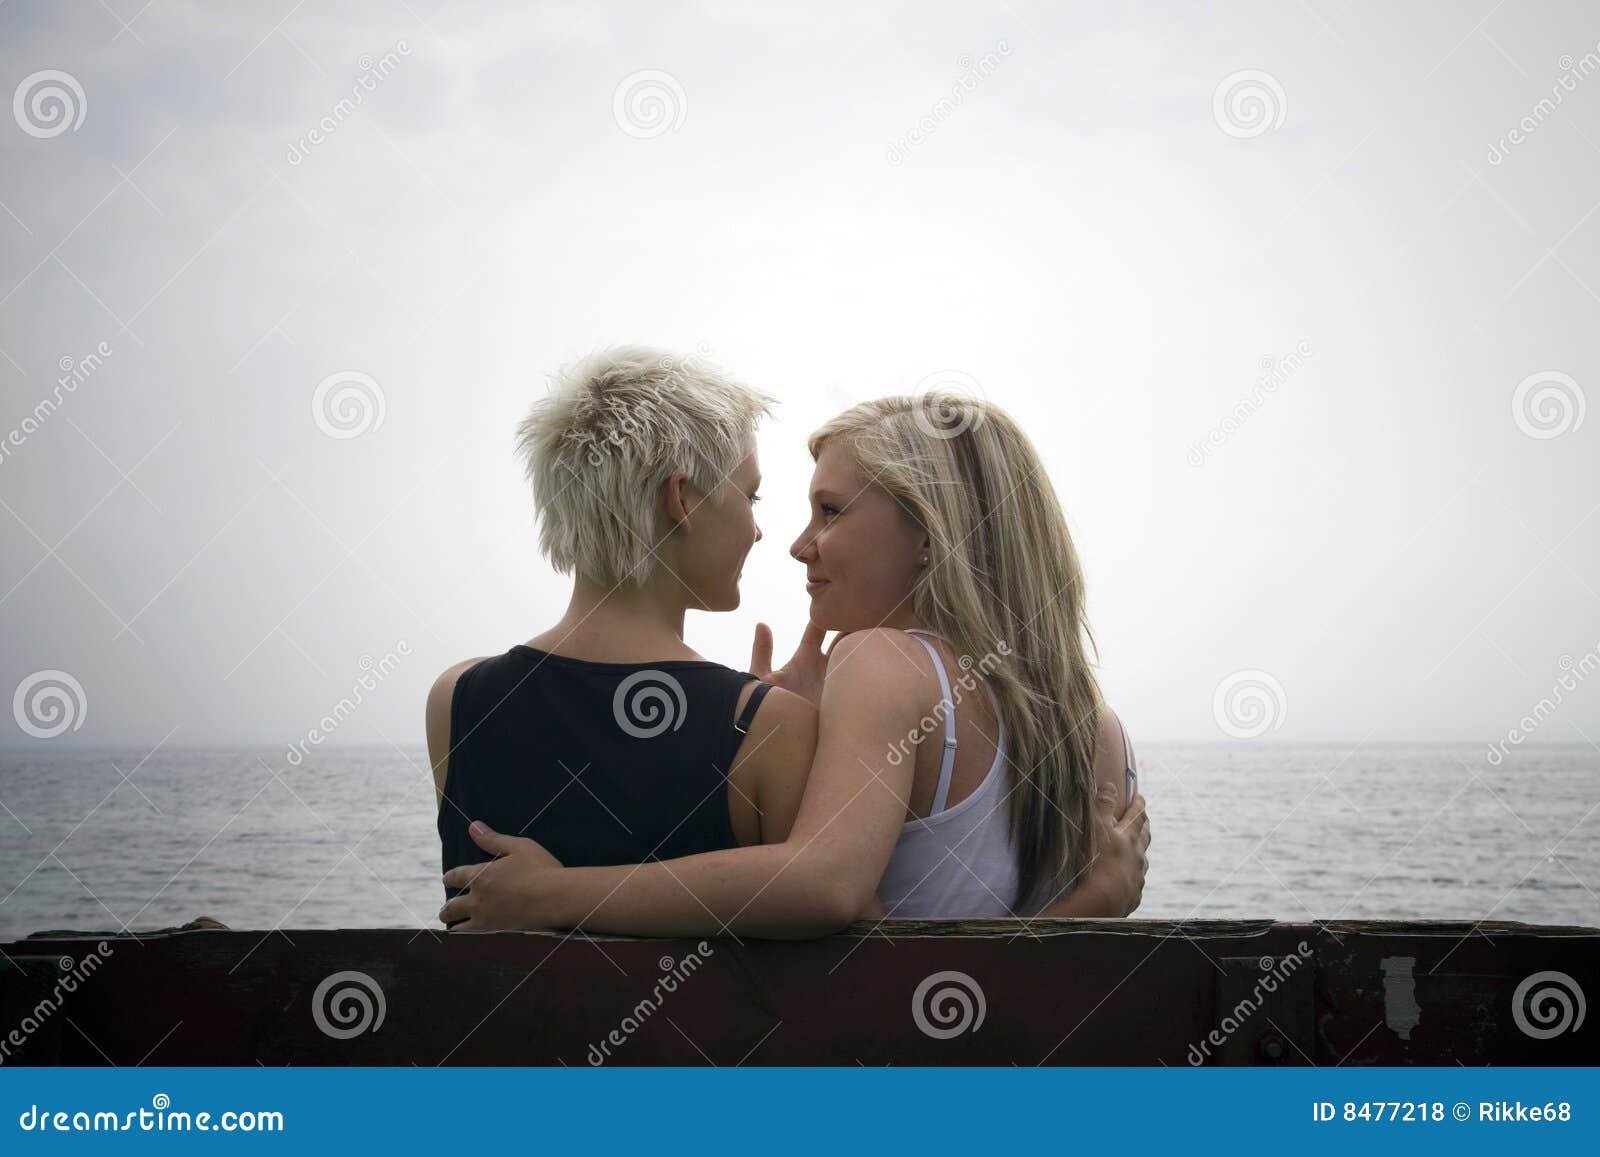 πρωκτικό σεξ γκαλερί φωτογραφία